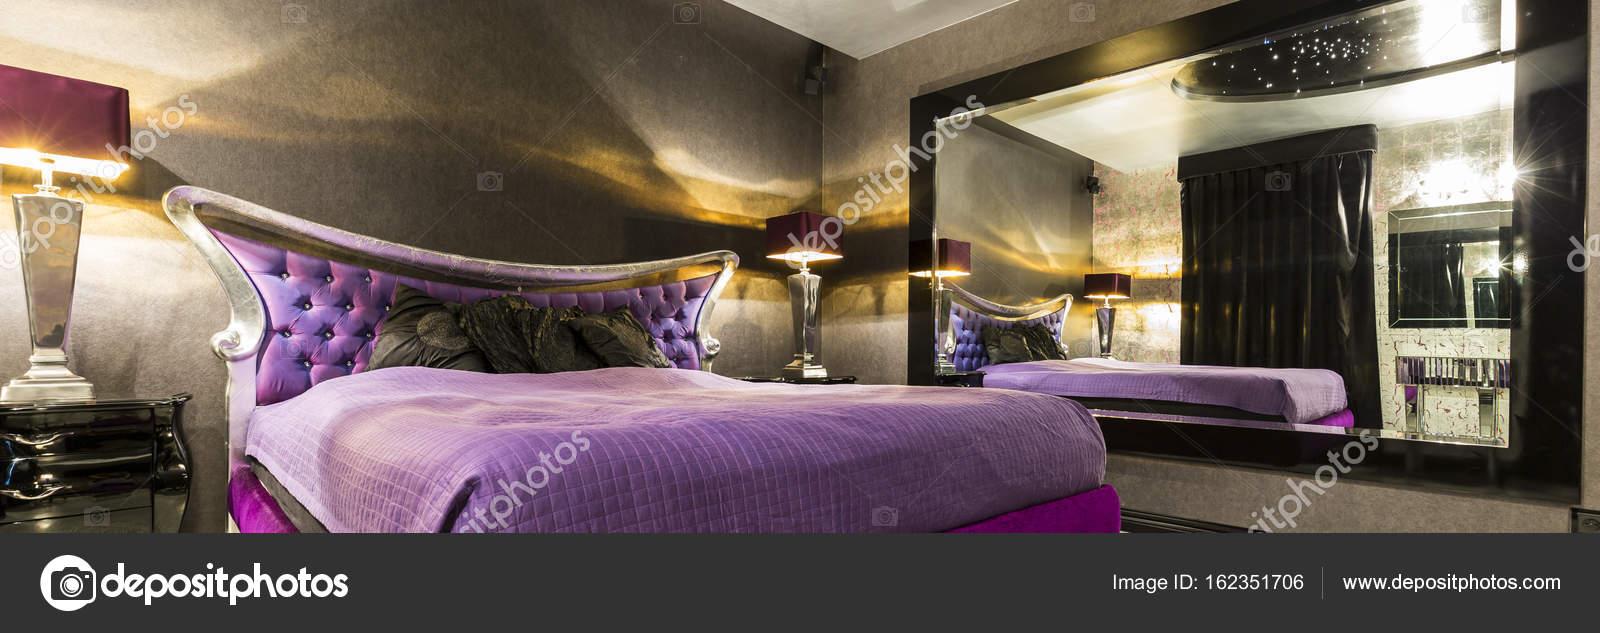 Chambre à Coucher Dans Un Style Glamour Photographie Photographee